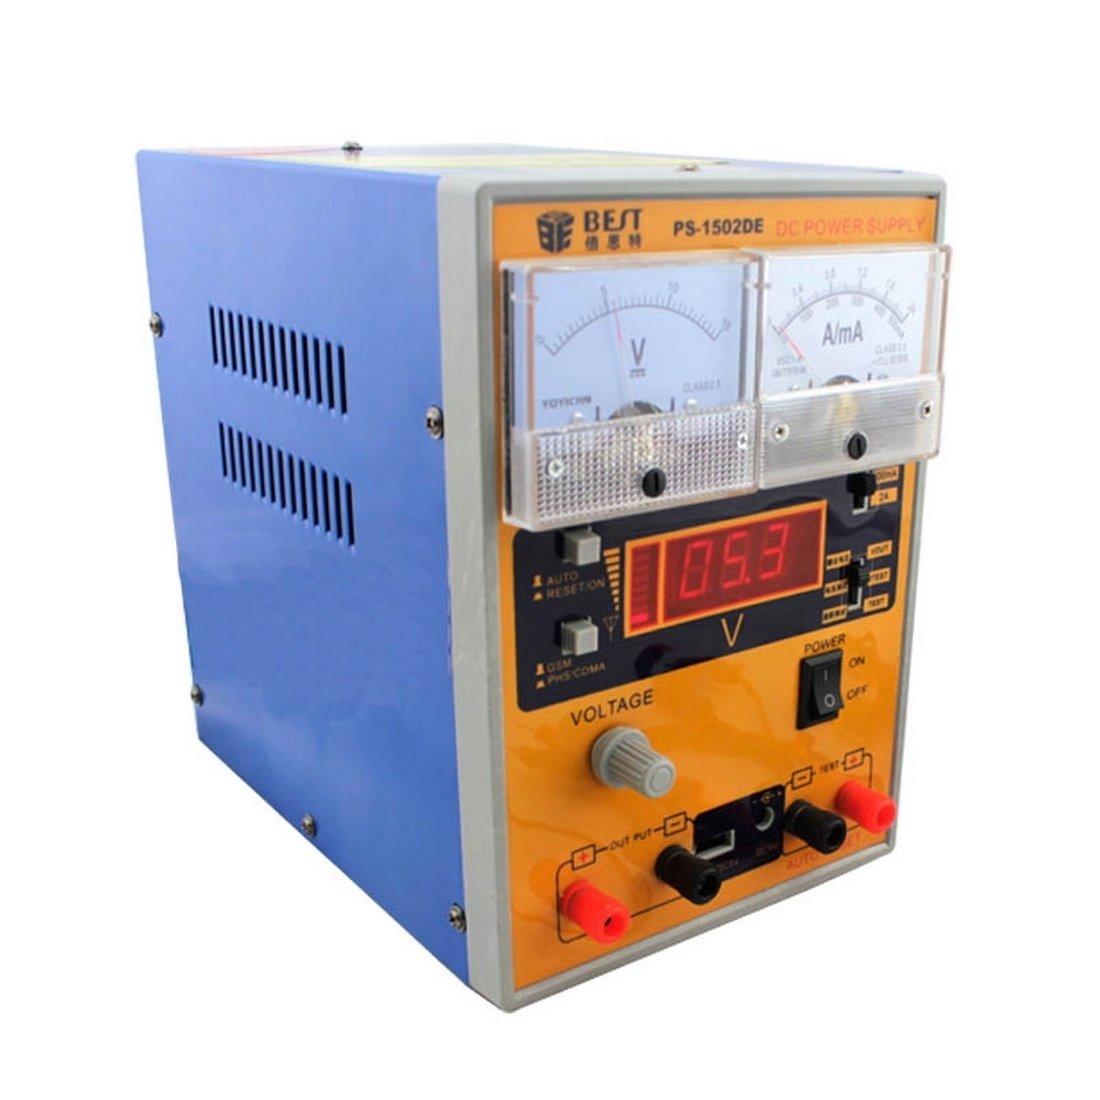 Reparatursätze , BEST BST-1502DE 220V AC Handy-Reparatur-Werkzeug-15V 2A DC geregelte Stromversorgung, EU-Stecker ( SKU : S-ETP-2331B )